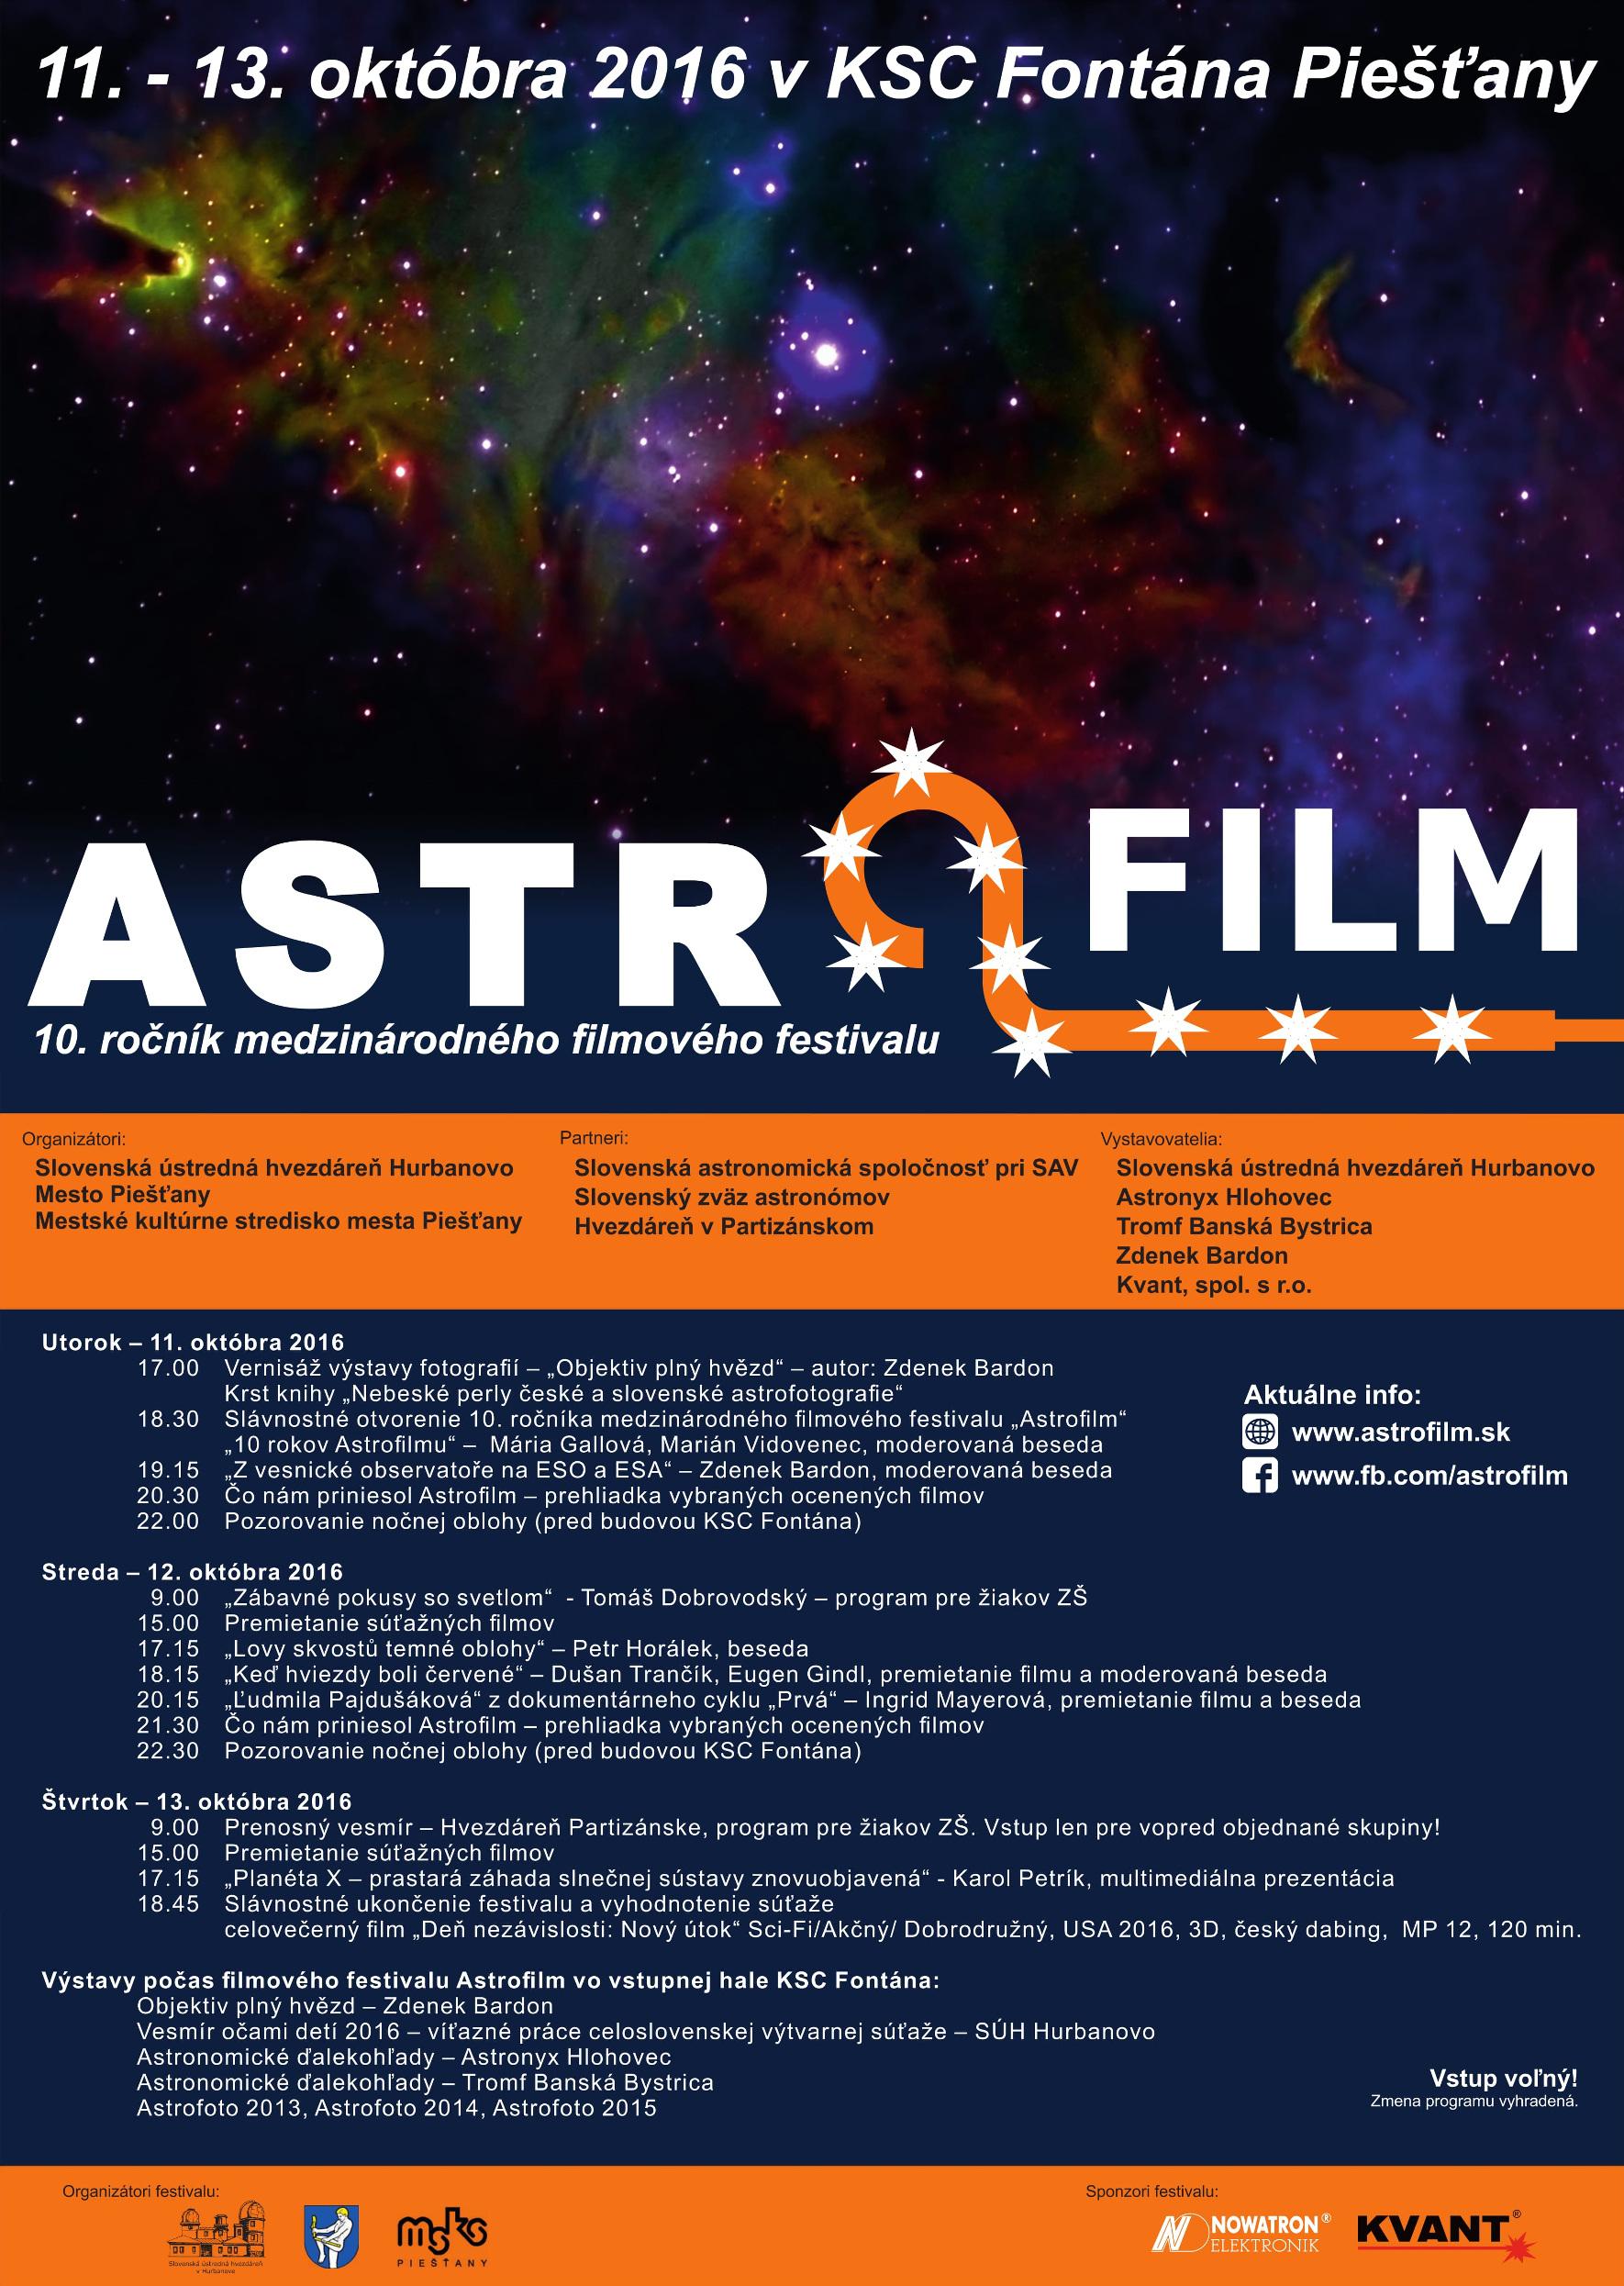 Obr.1: Program 10. ročníka medzinárodného filmového festivalu Astrofilm